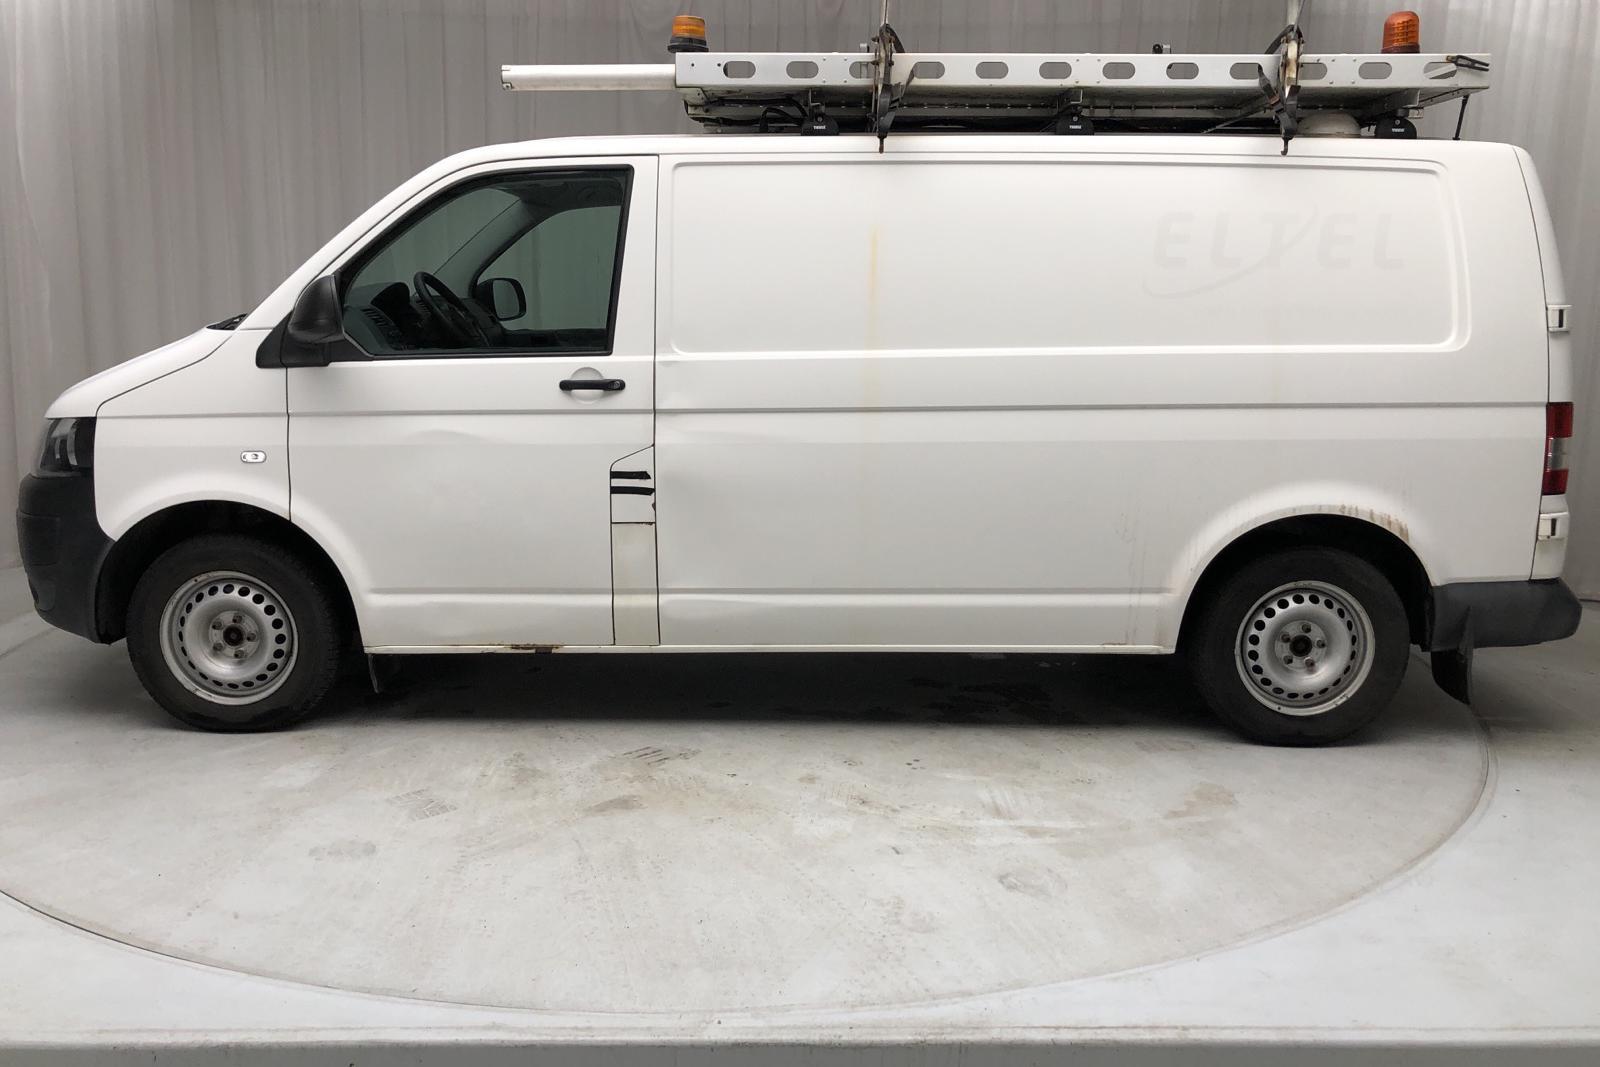 VW Transporter T5 2.0 TDI 4MOTION (140hk) - 20 398 mil - Manuell - vit - 2015